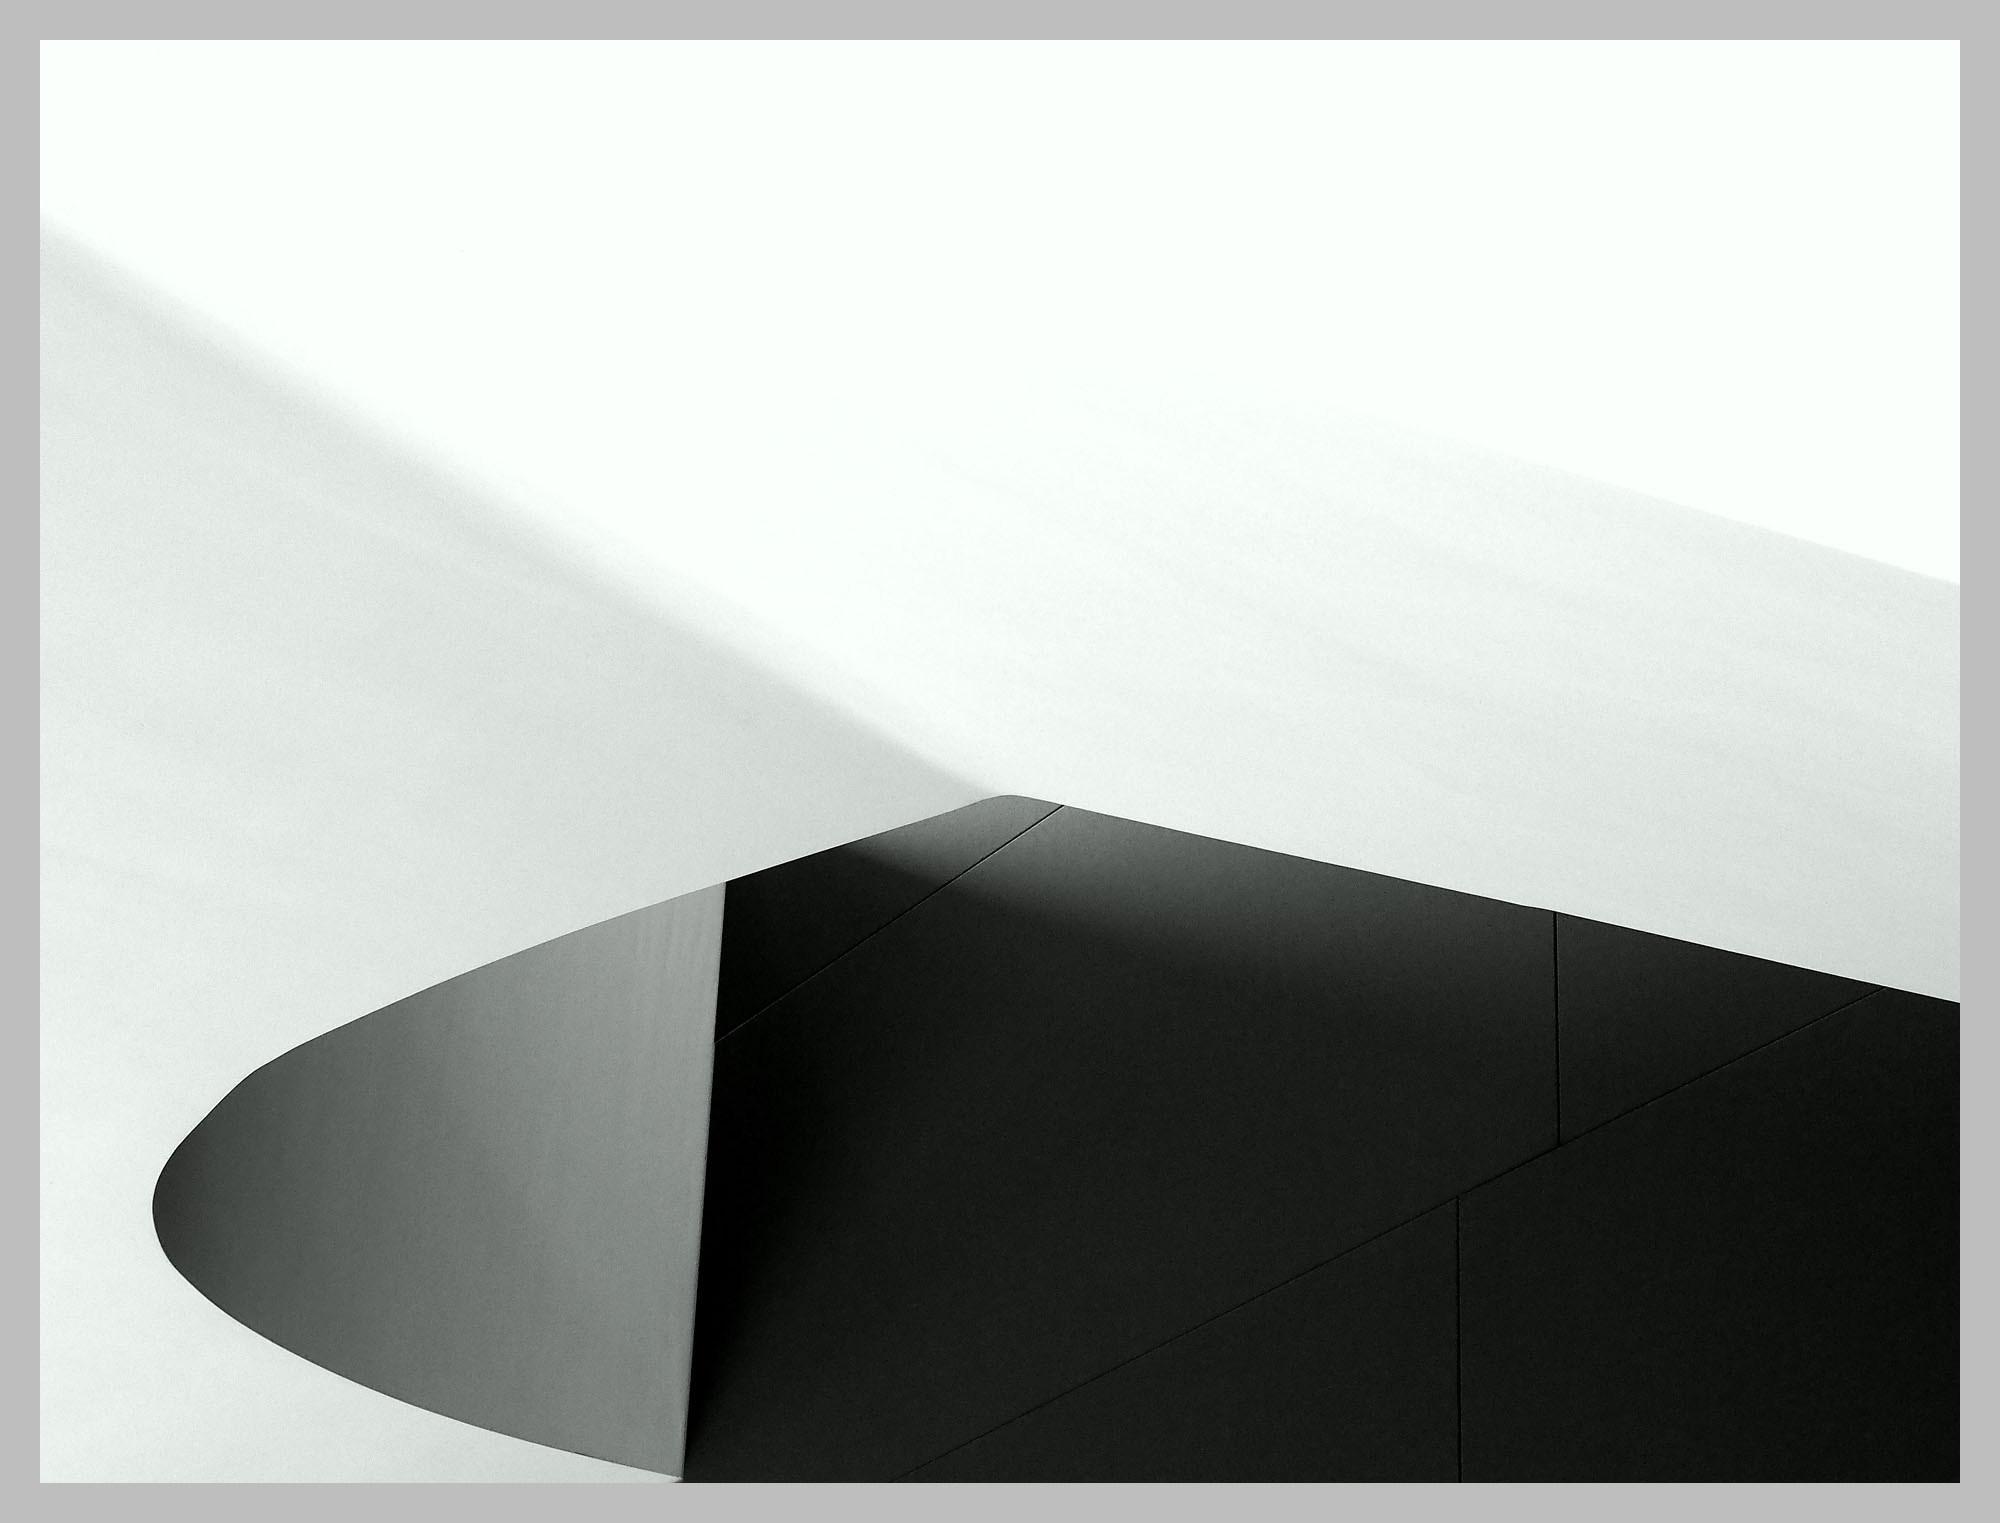 schwarz_-_weiß